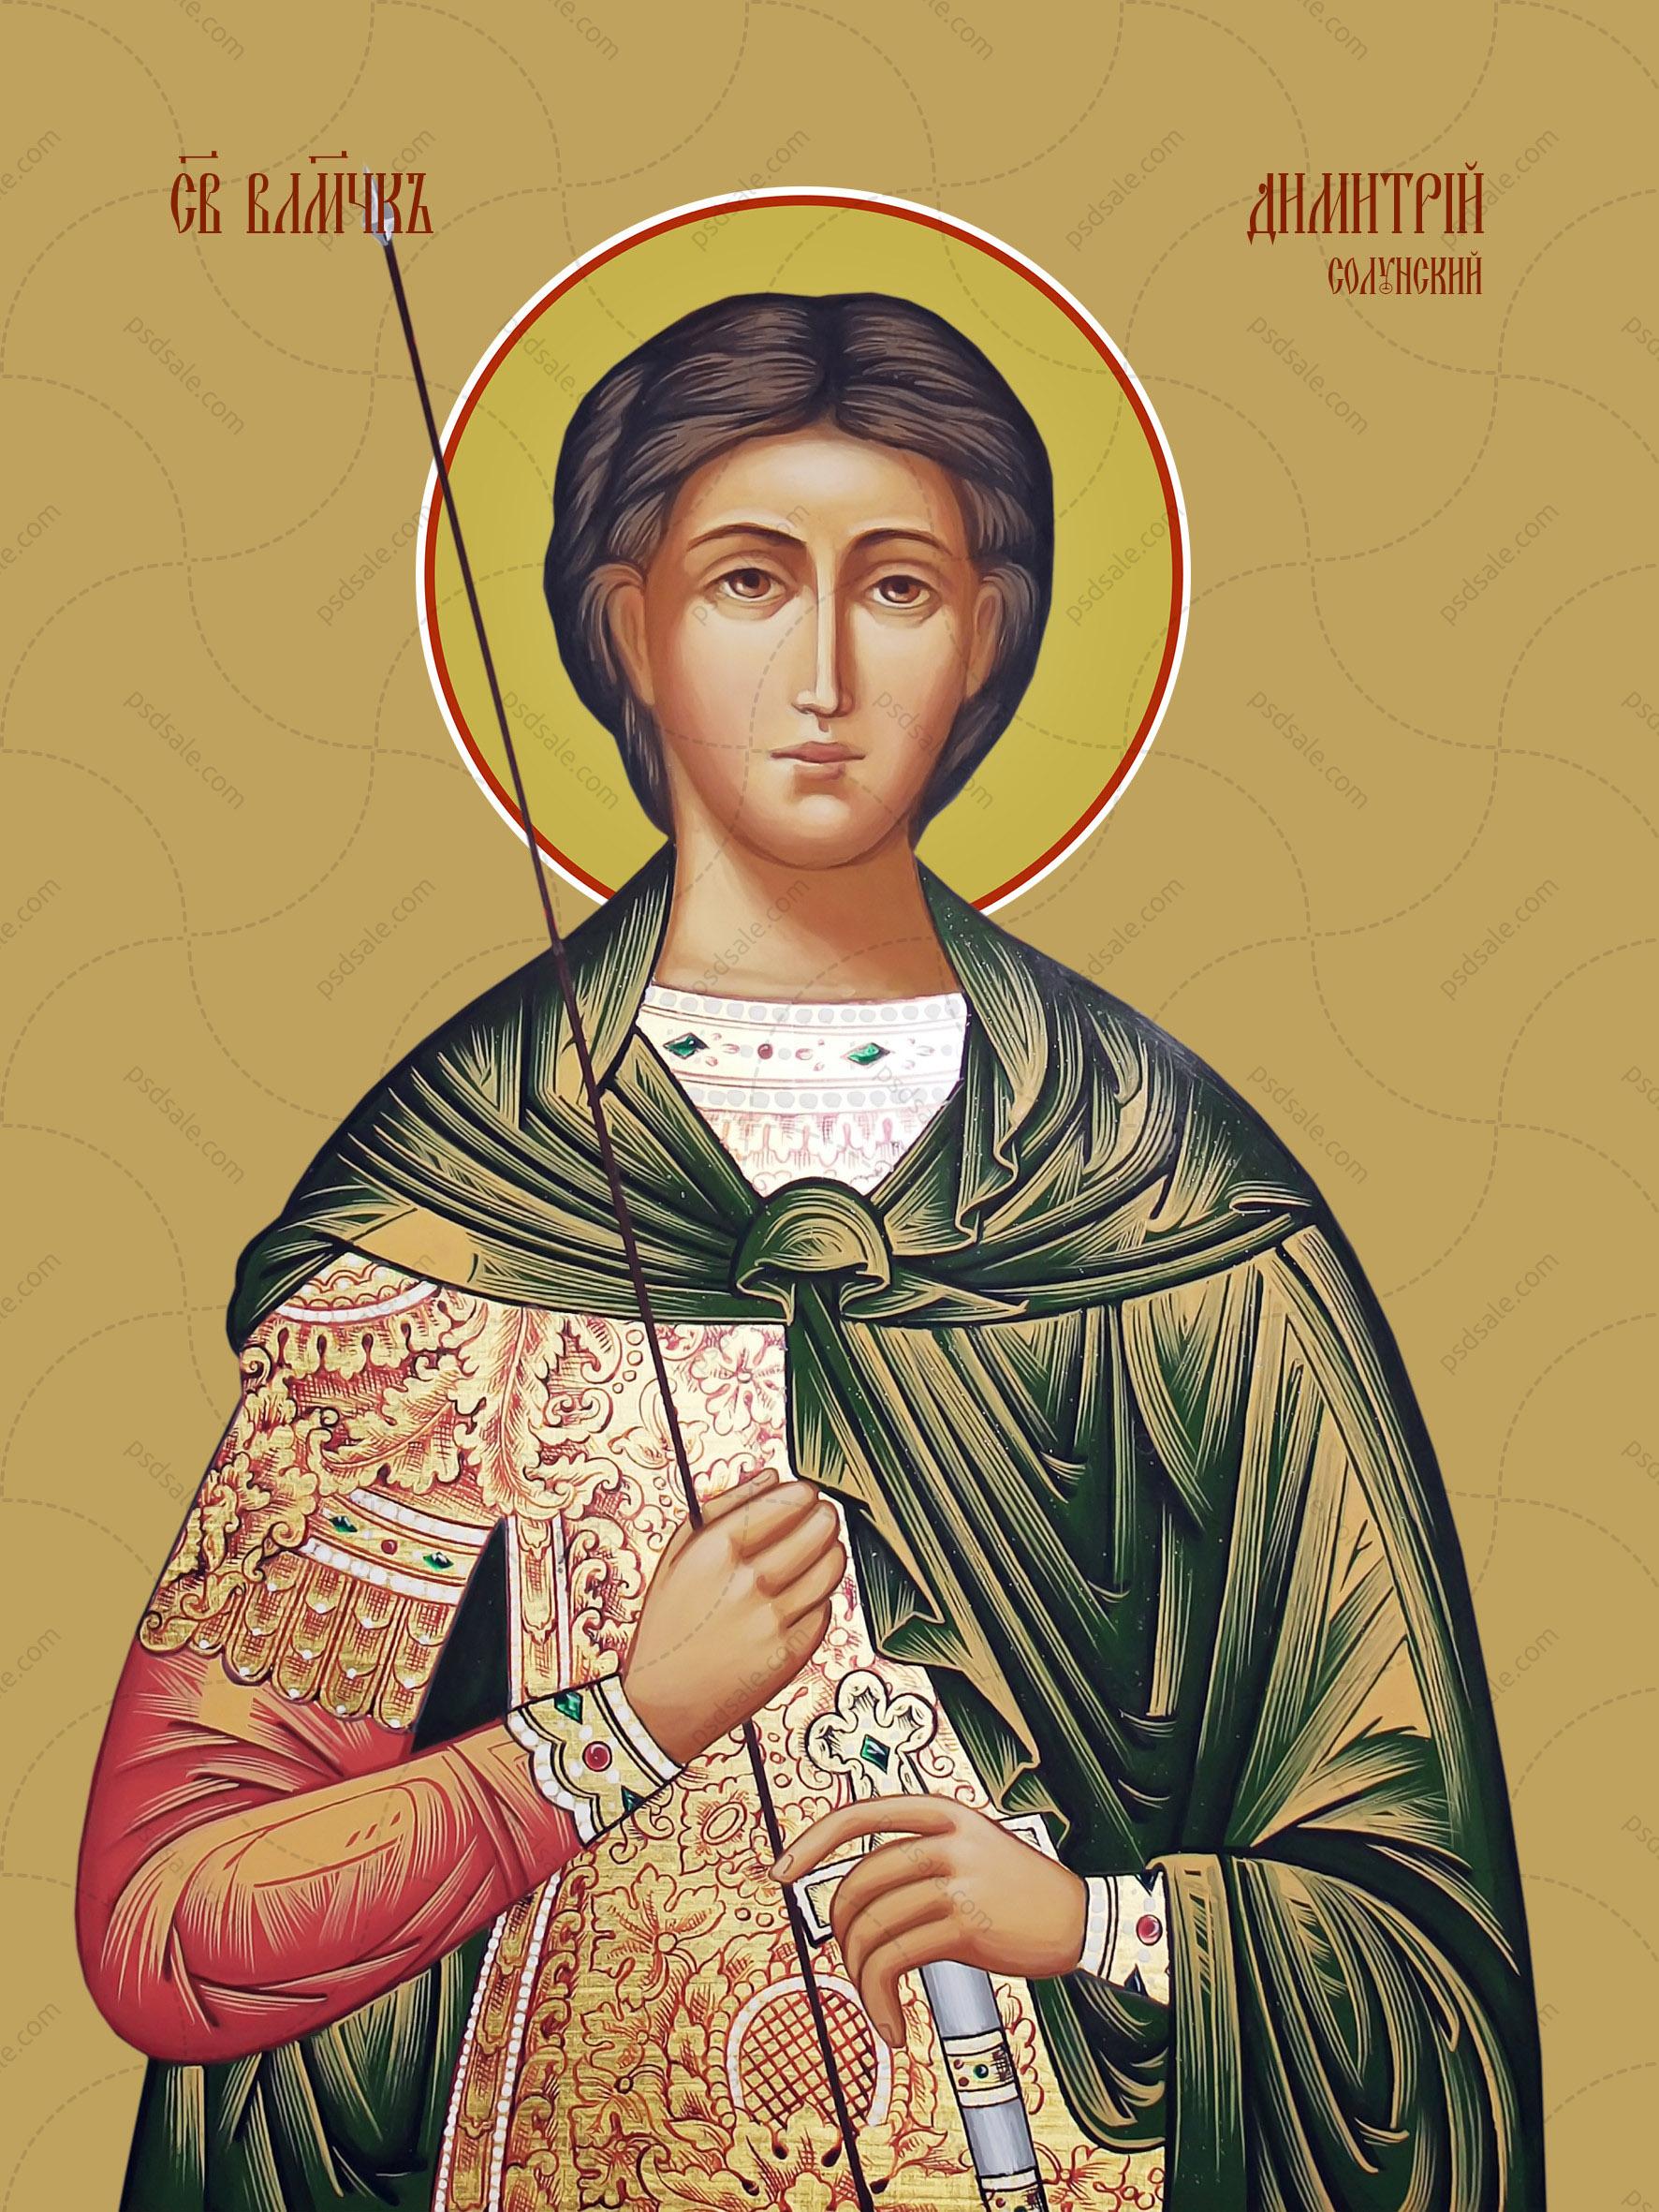 Дмитрий Солунский, великомученик